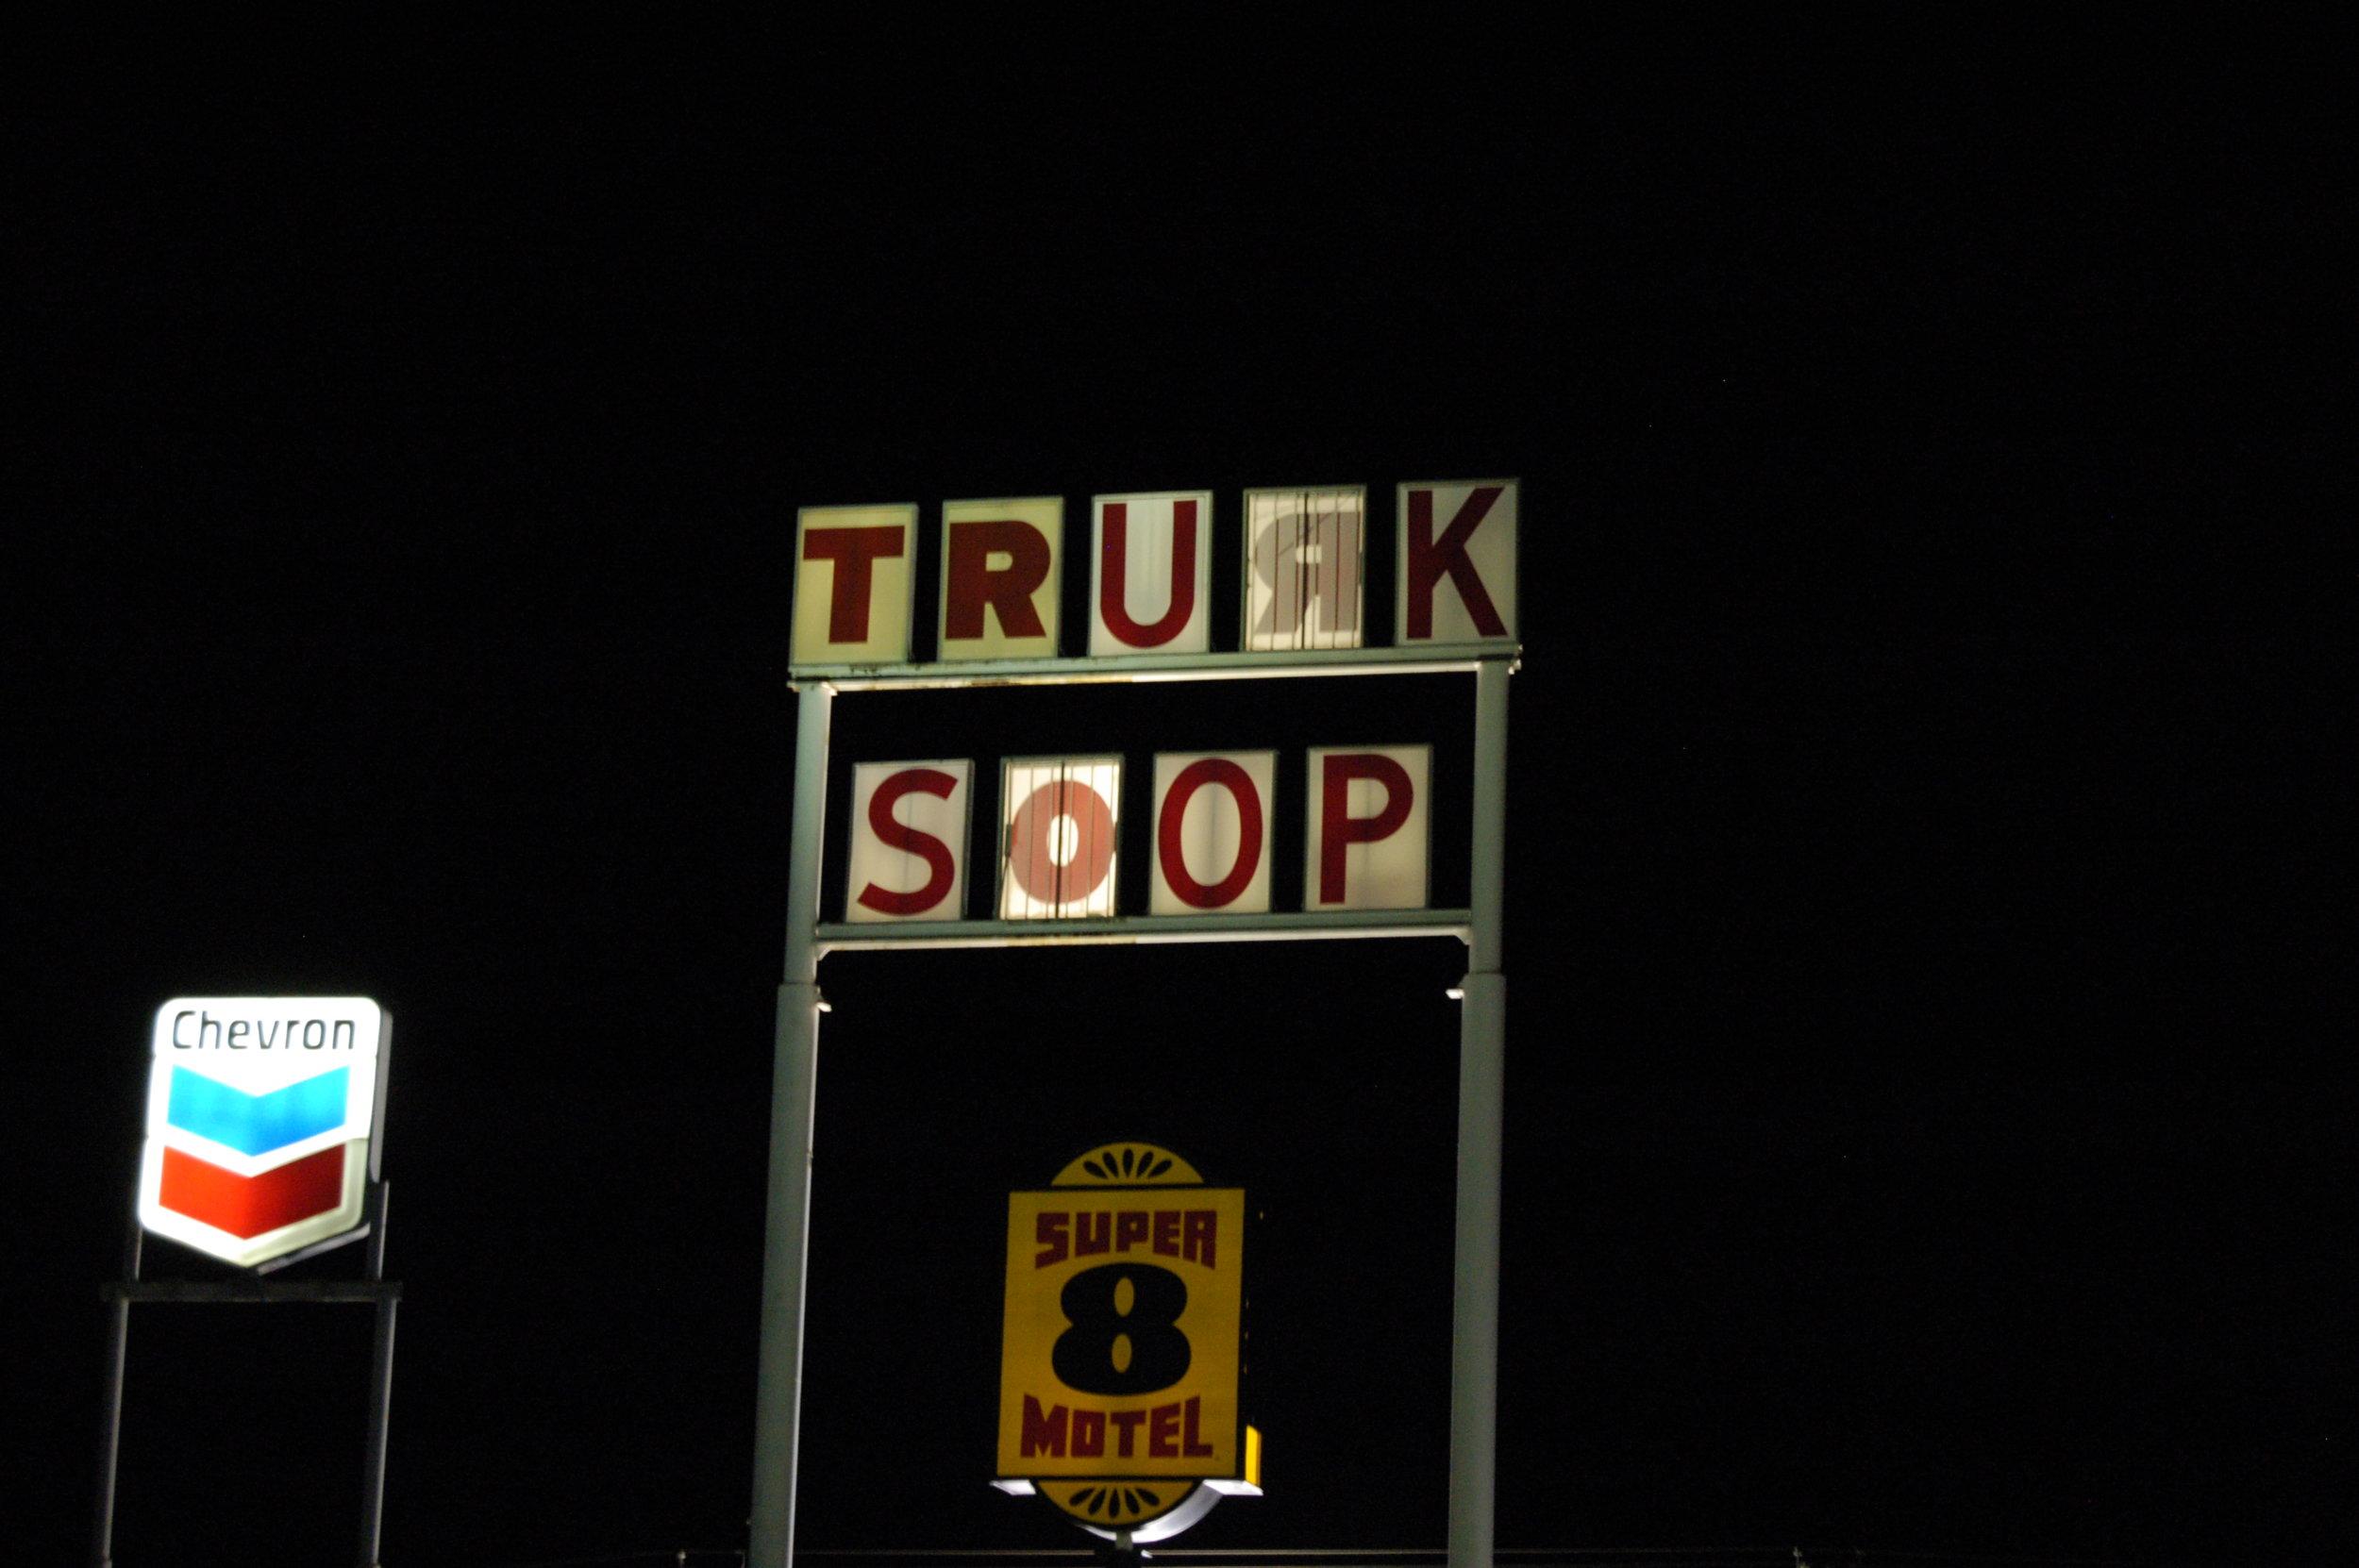 Trurk Soop